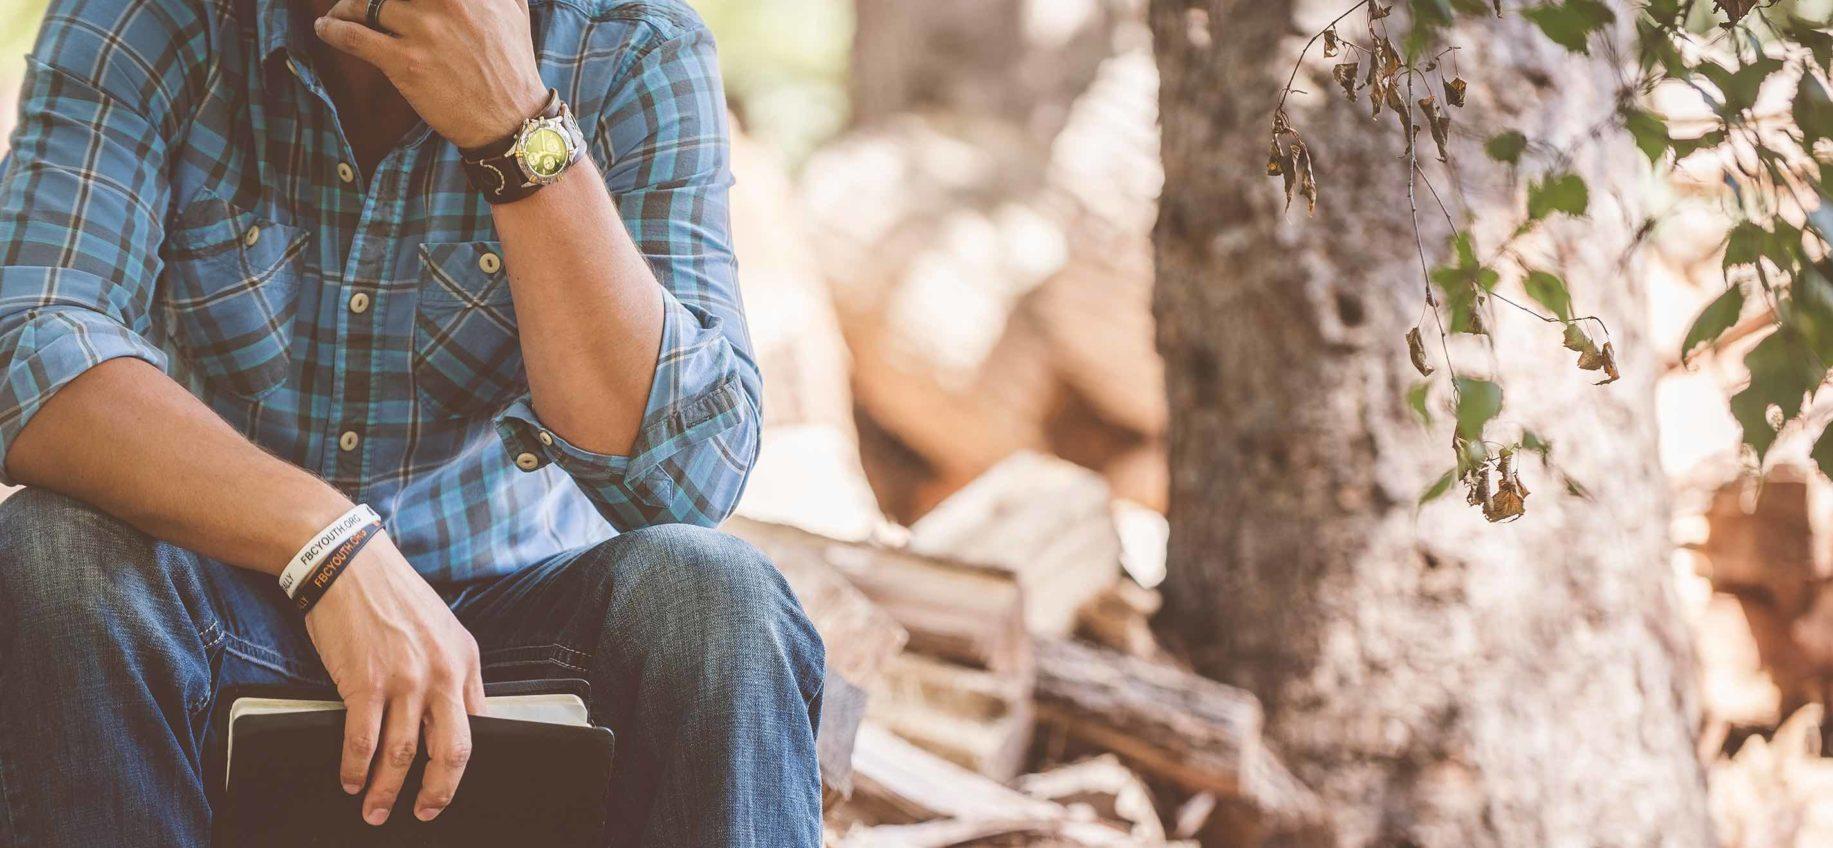 5 motivi per cui i pastori cadono in depressione (e perché non ne parlano)